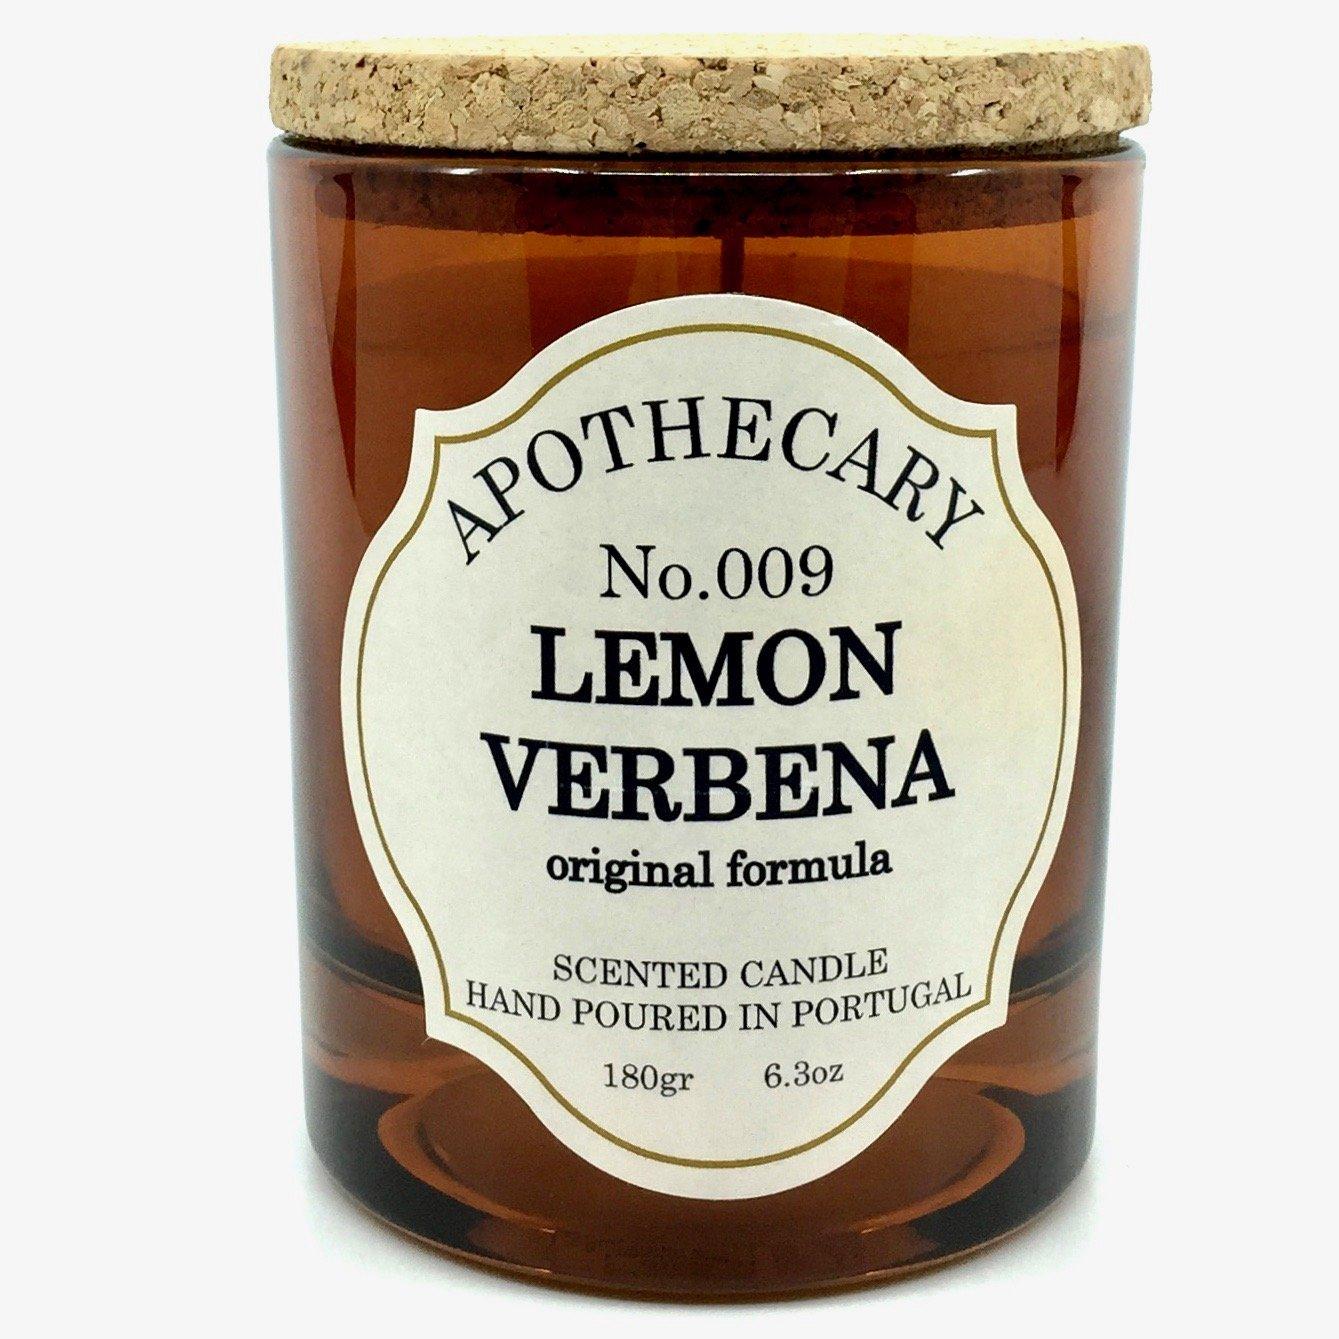 大洲市 Apothecary Formula Verbena No 009 Lemon Verbena Original Formula Scented Candle Lemon B079GGKBNB, 三川村:08385e5d --- egreensolutions.ca